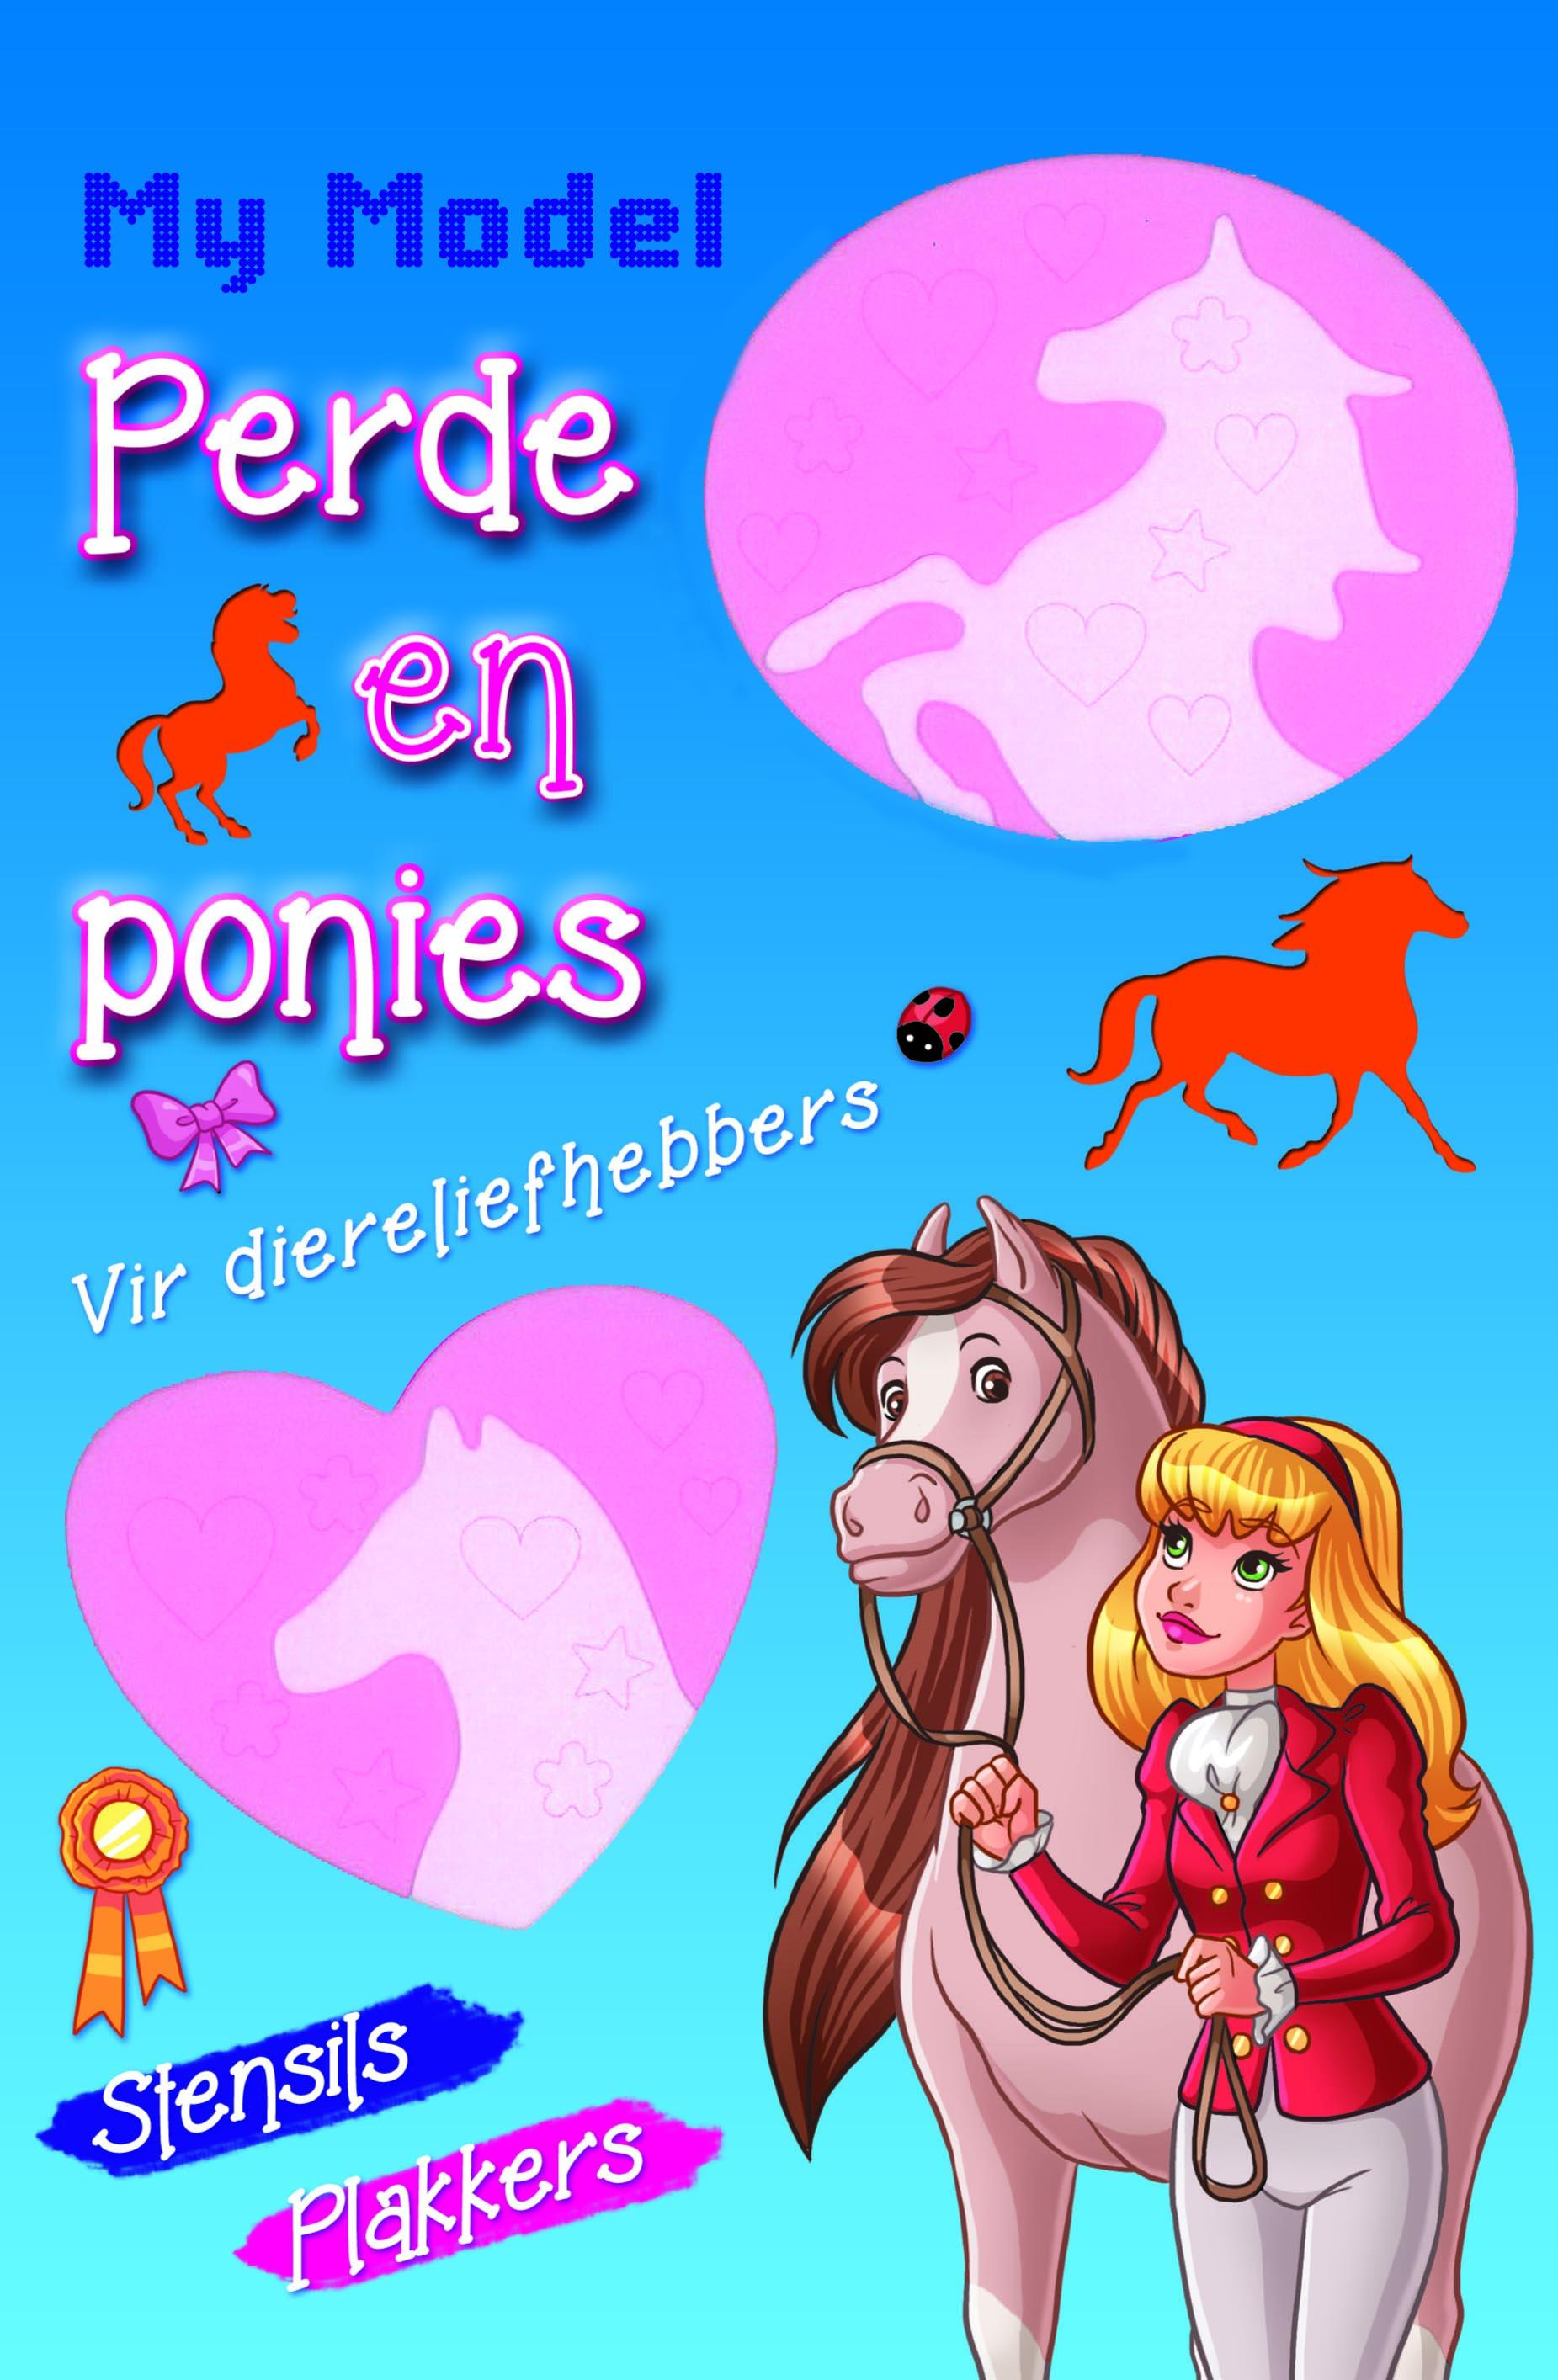 Picture of My model: perde en ponies